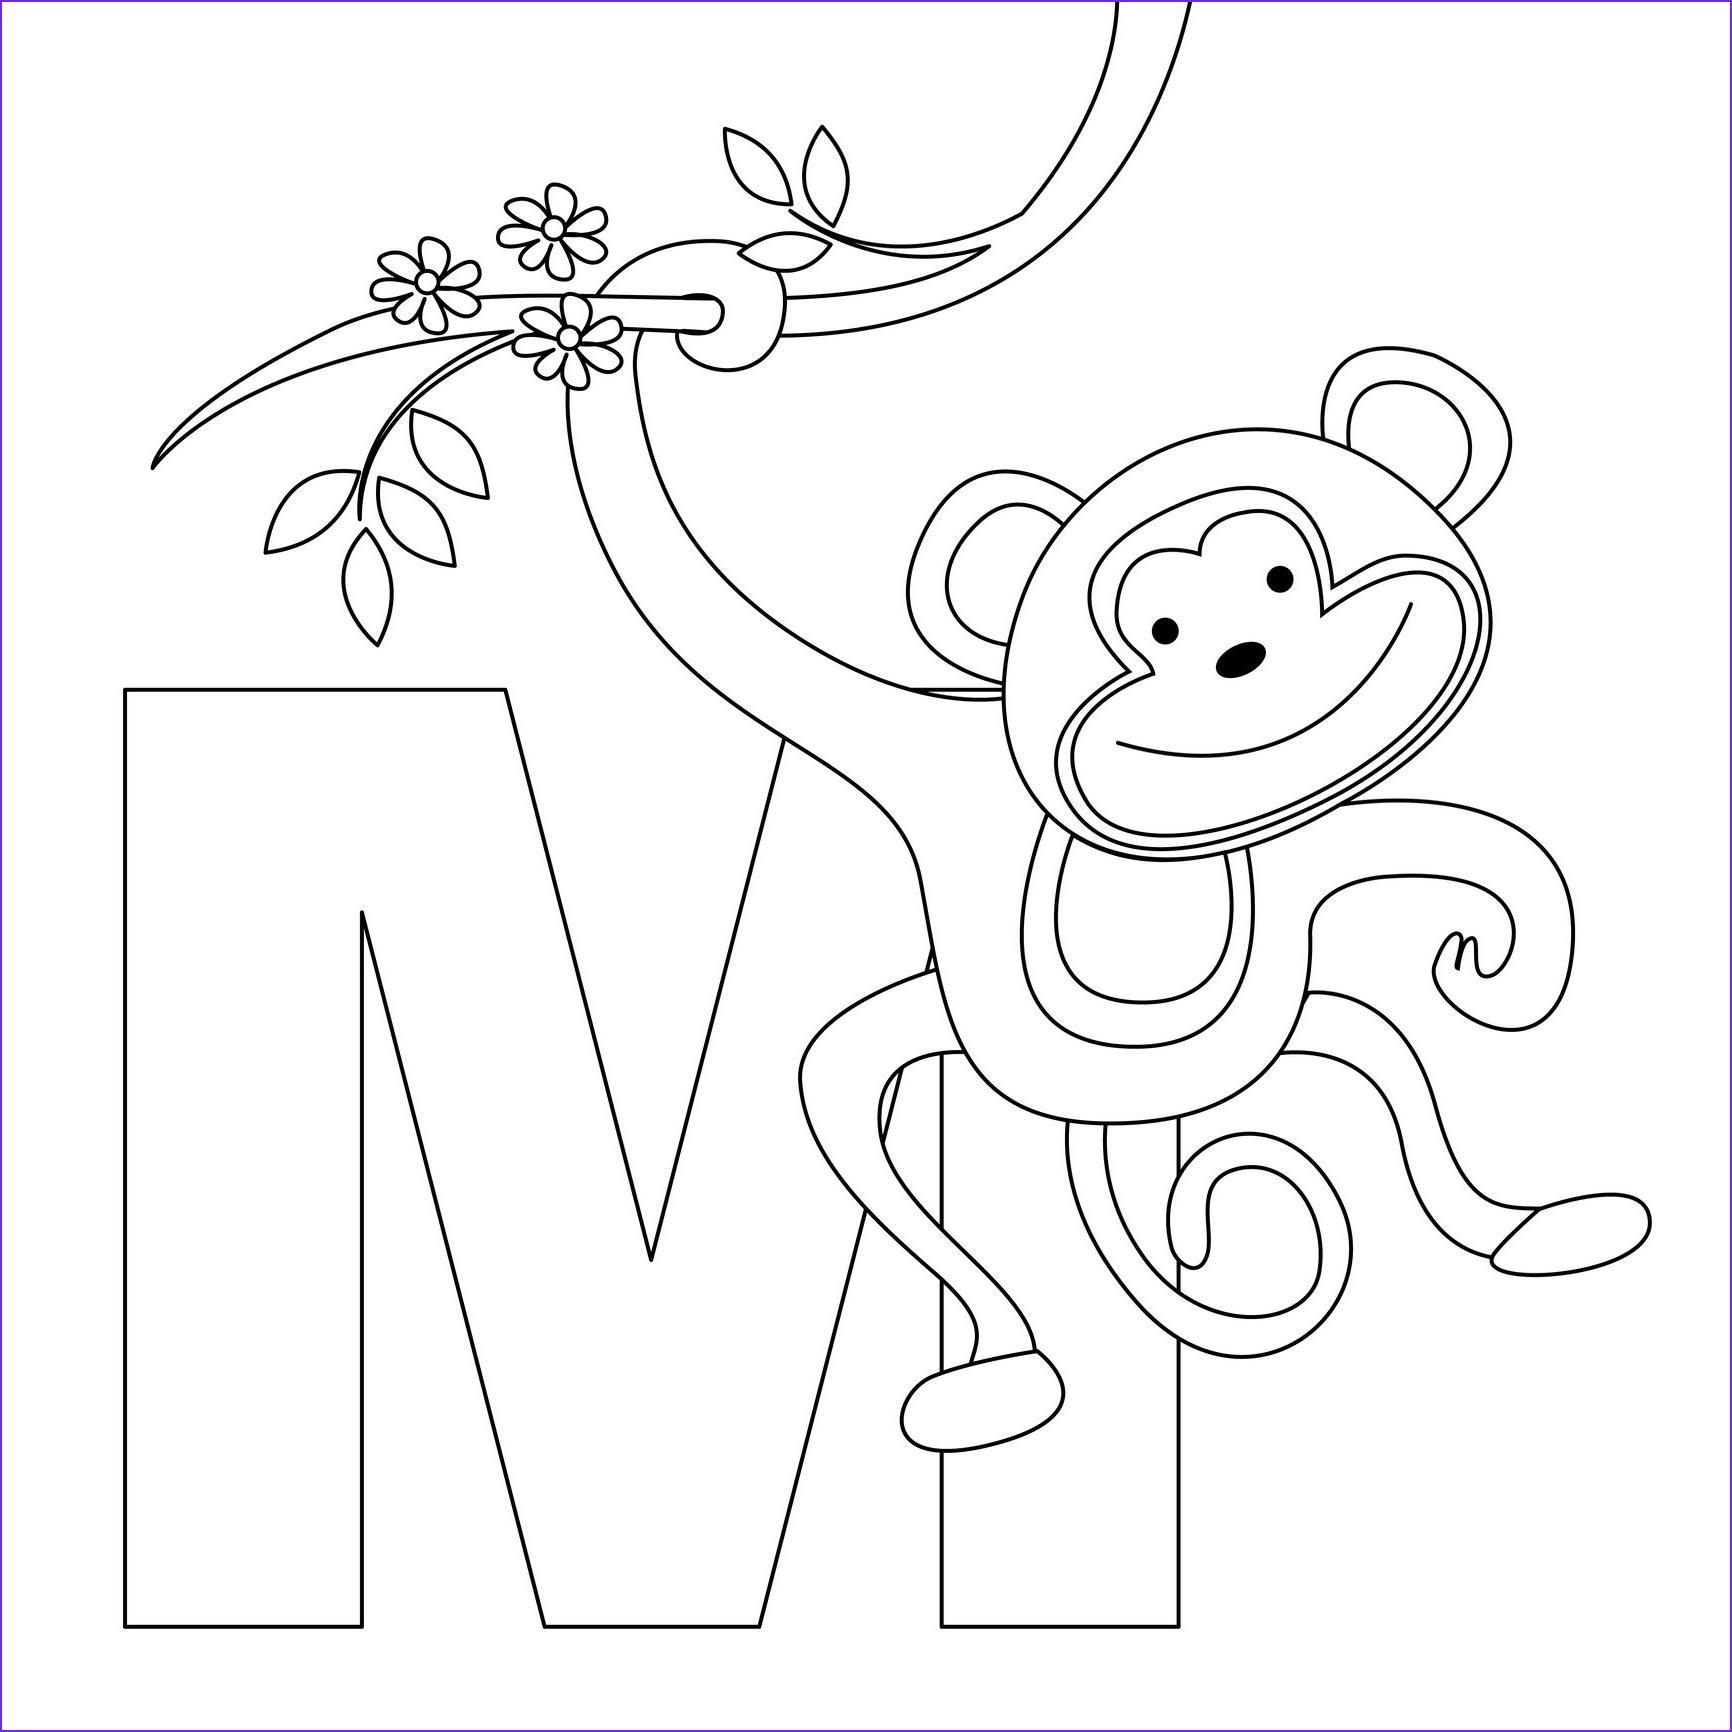 Tranh tô màu chữ cái M monkey